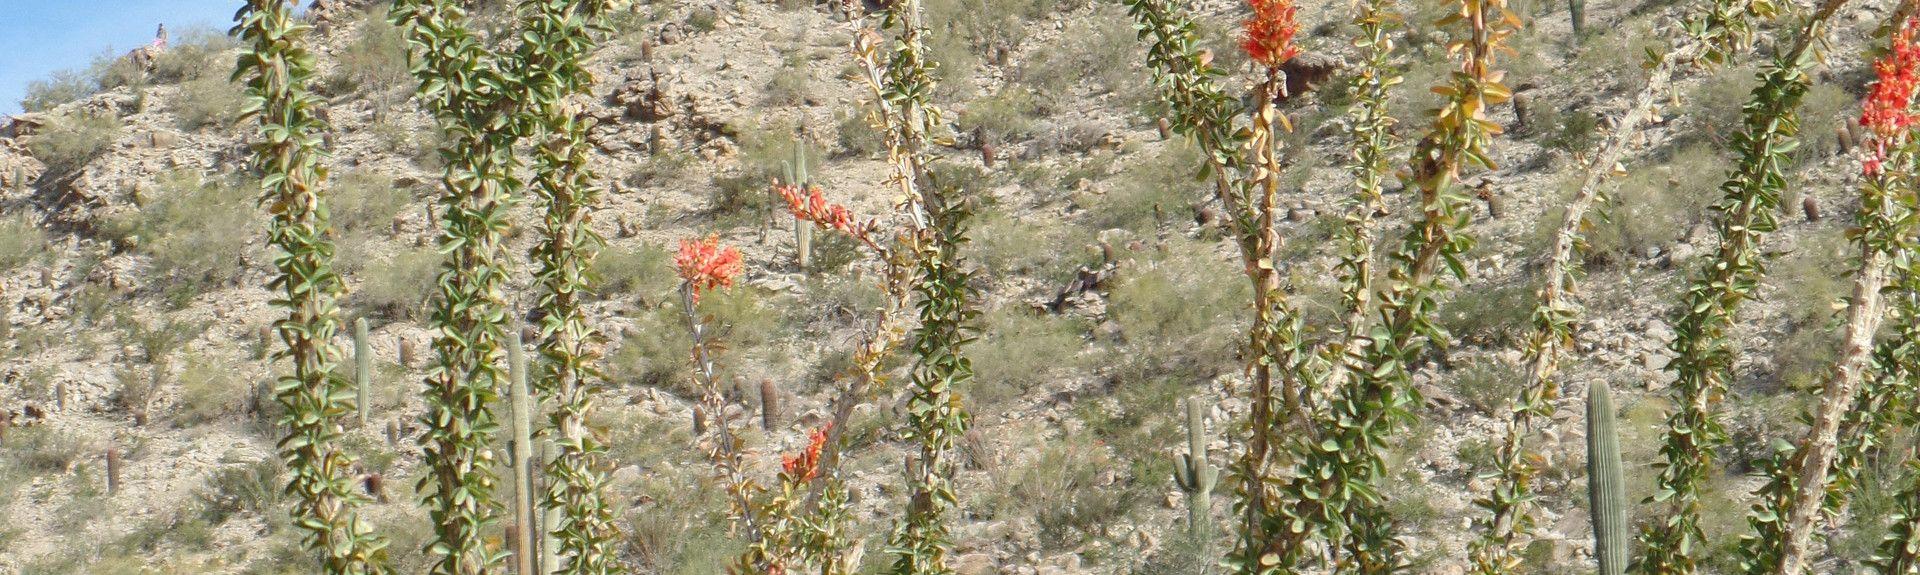 Ahwatukee Foothills Village, Phoenix, Arizona, USA